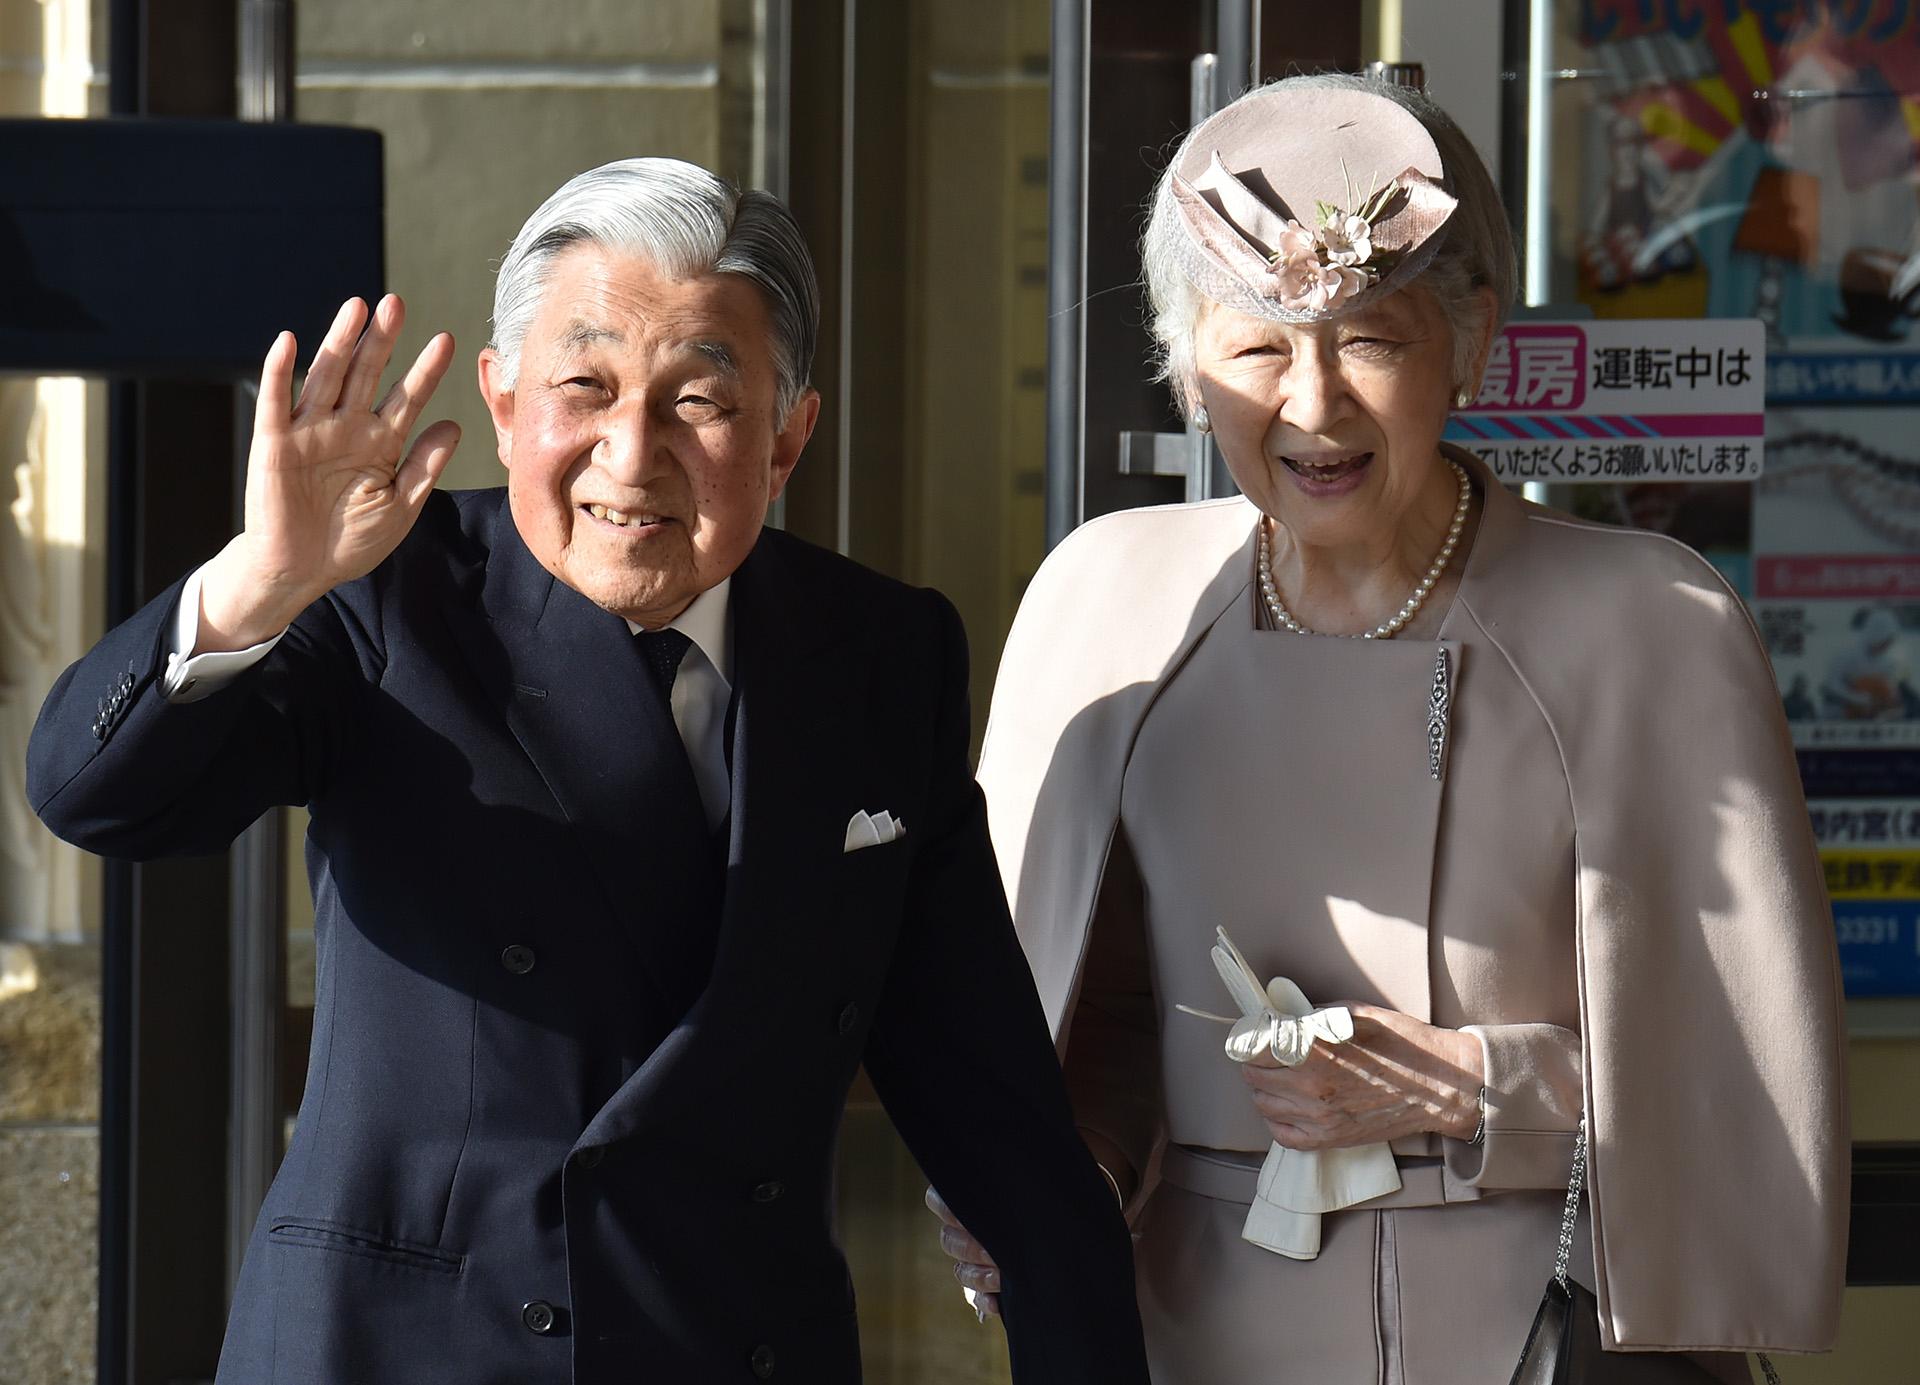 Está previsto que Akihito visite la tumba de su predecesor en el mausoleo imperial de Musashino, en las afueras de Tokio, entre otros actos oficiales en los que participará hasta celebrar su última audiencia como emperador ante representantes políticos